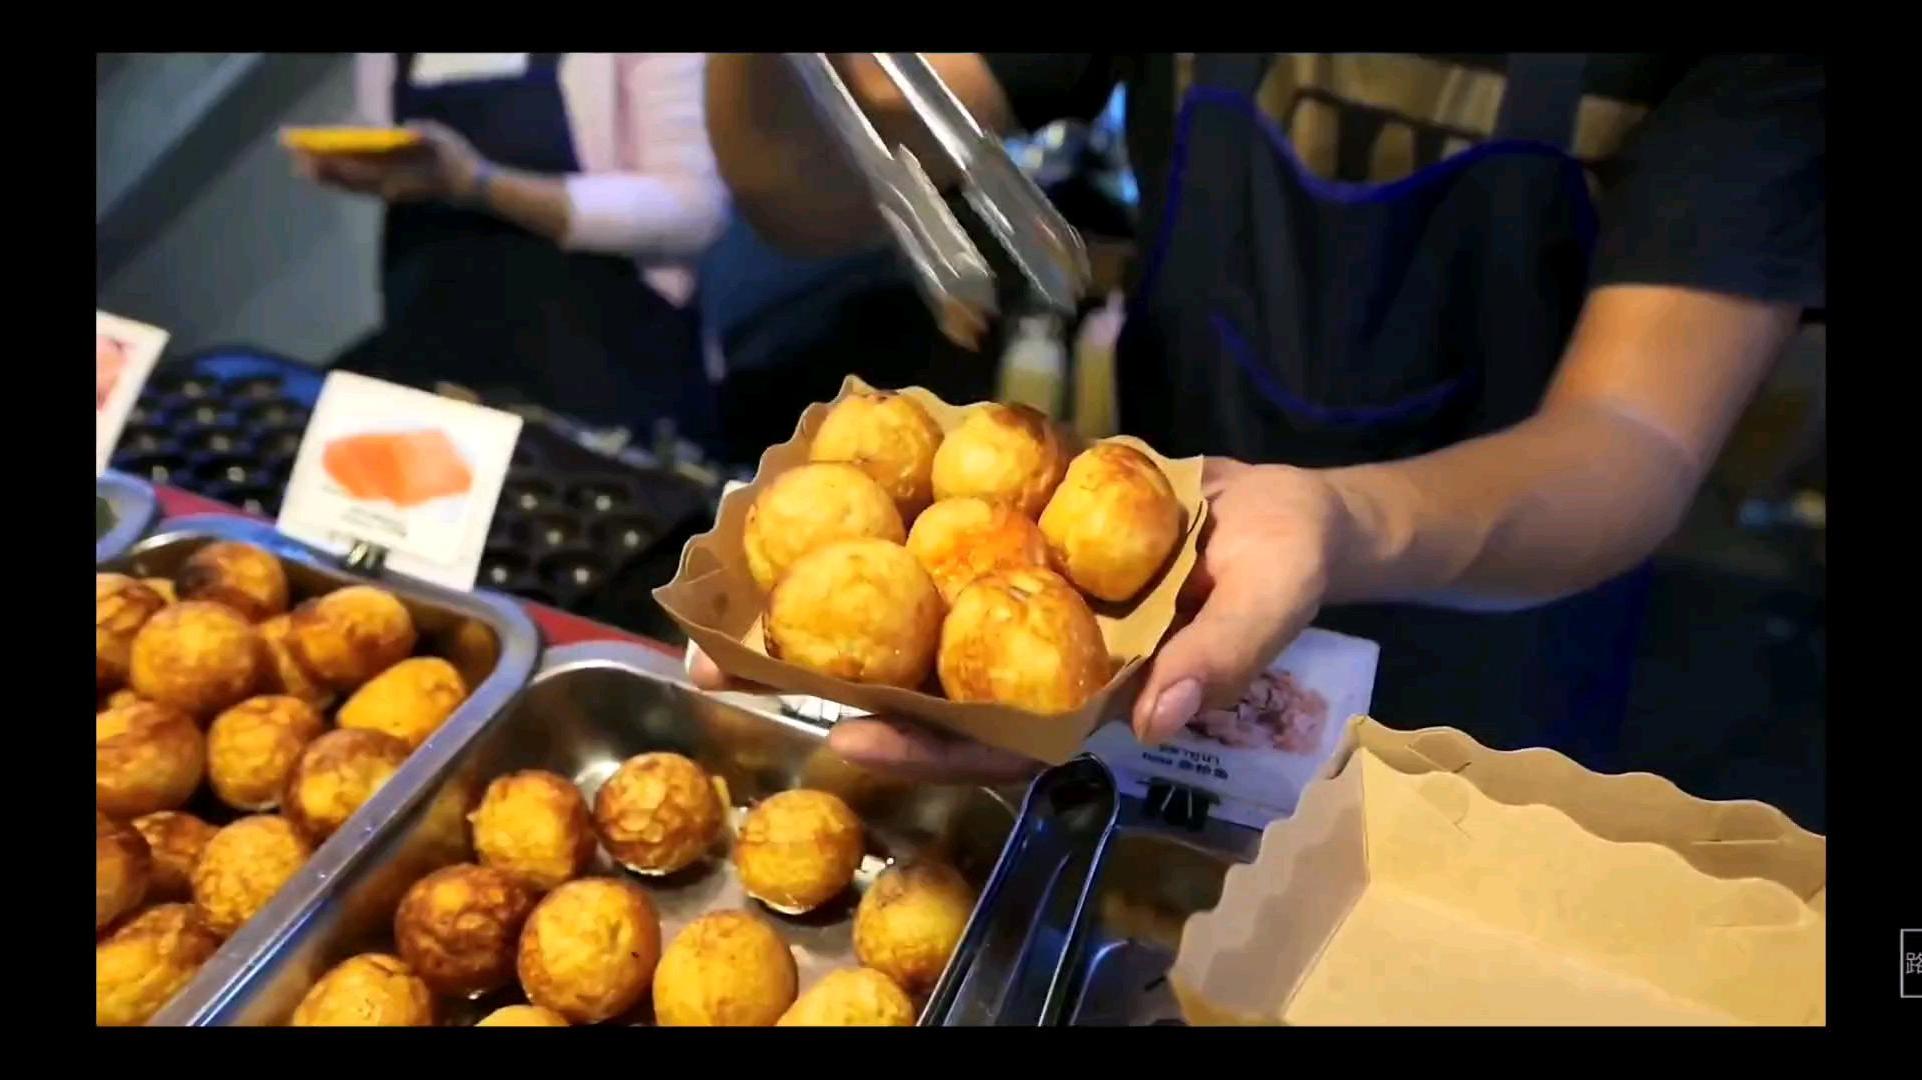 日本路边小吃街头食品-章鱼球